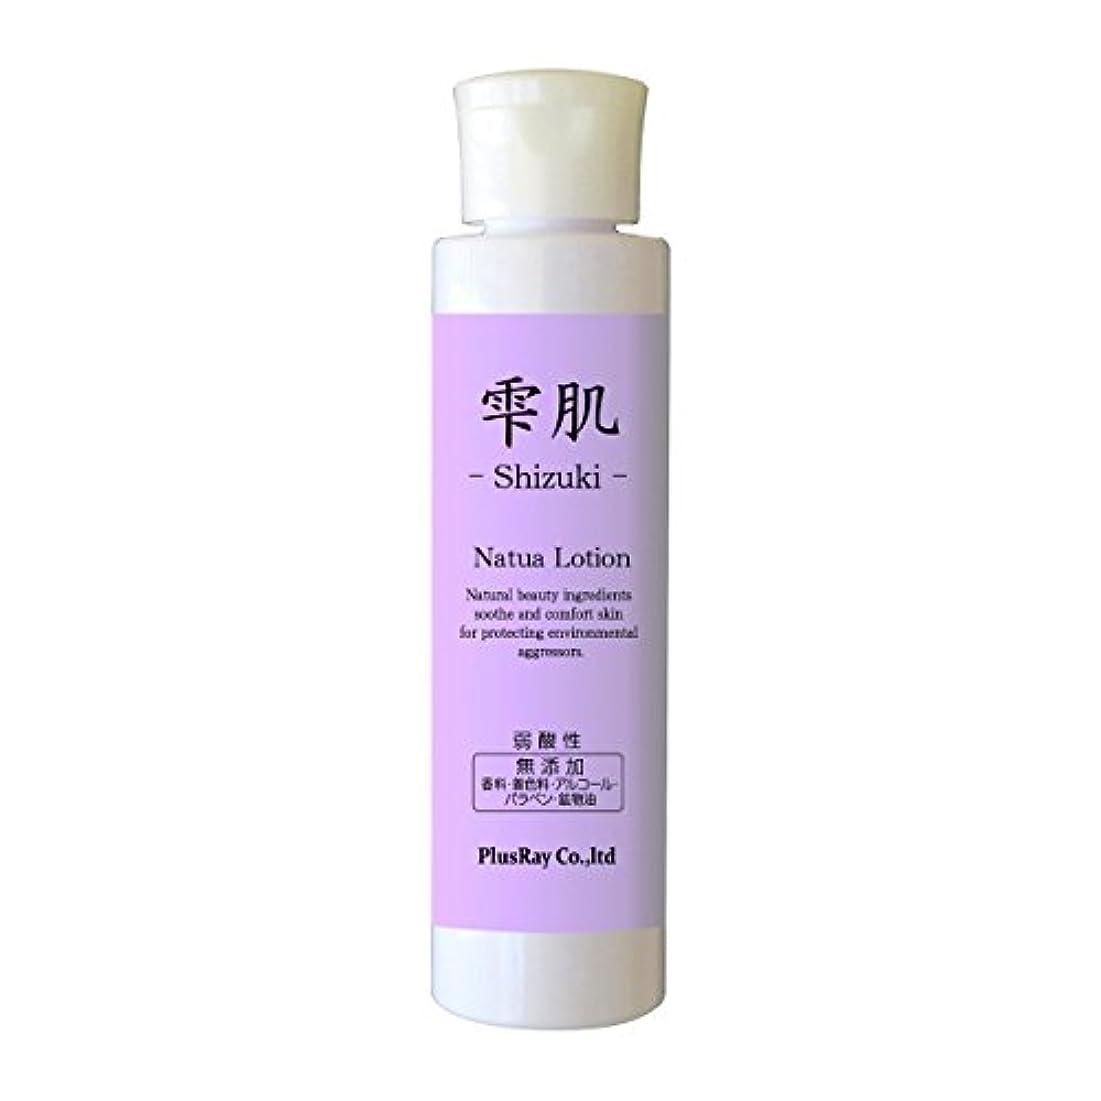 キャロラインとても多くのコンセンサスプラスレイ(PlusRay)化粧品 ナチュアローション 雫肌 しづき アズレン 化粧水